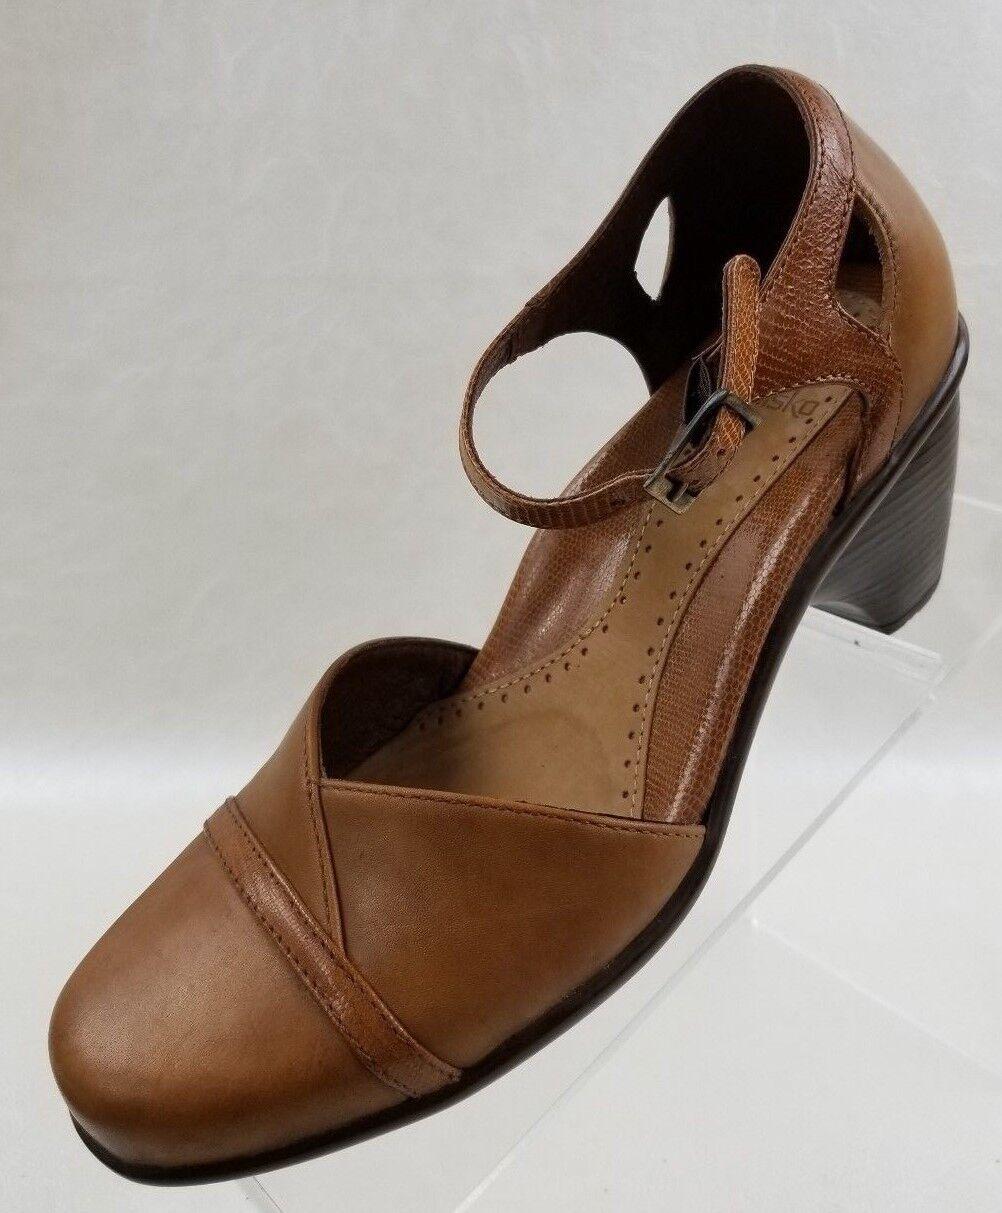 Dansko Ankle Strap Heels Tan Leather Slip Slip Slip On damen schuhe Größe EU 36 US 5.5 609a70